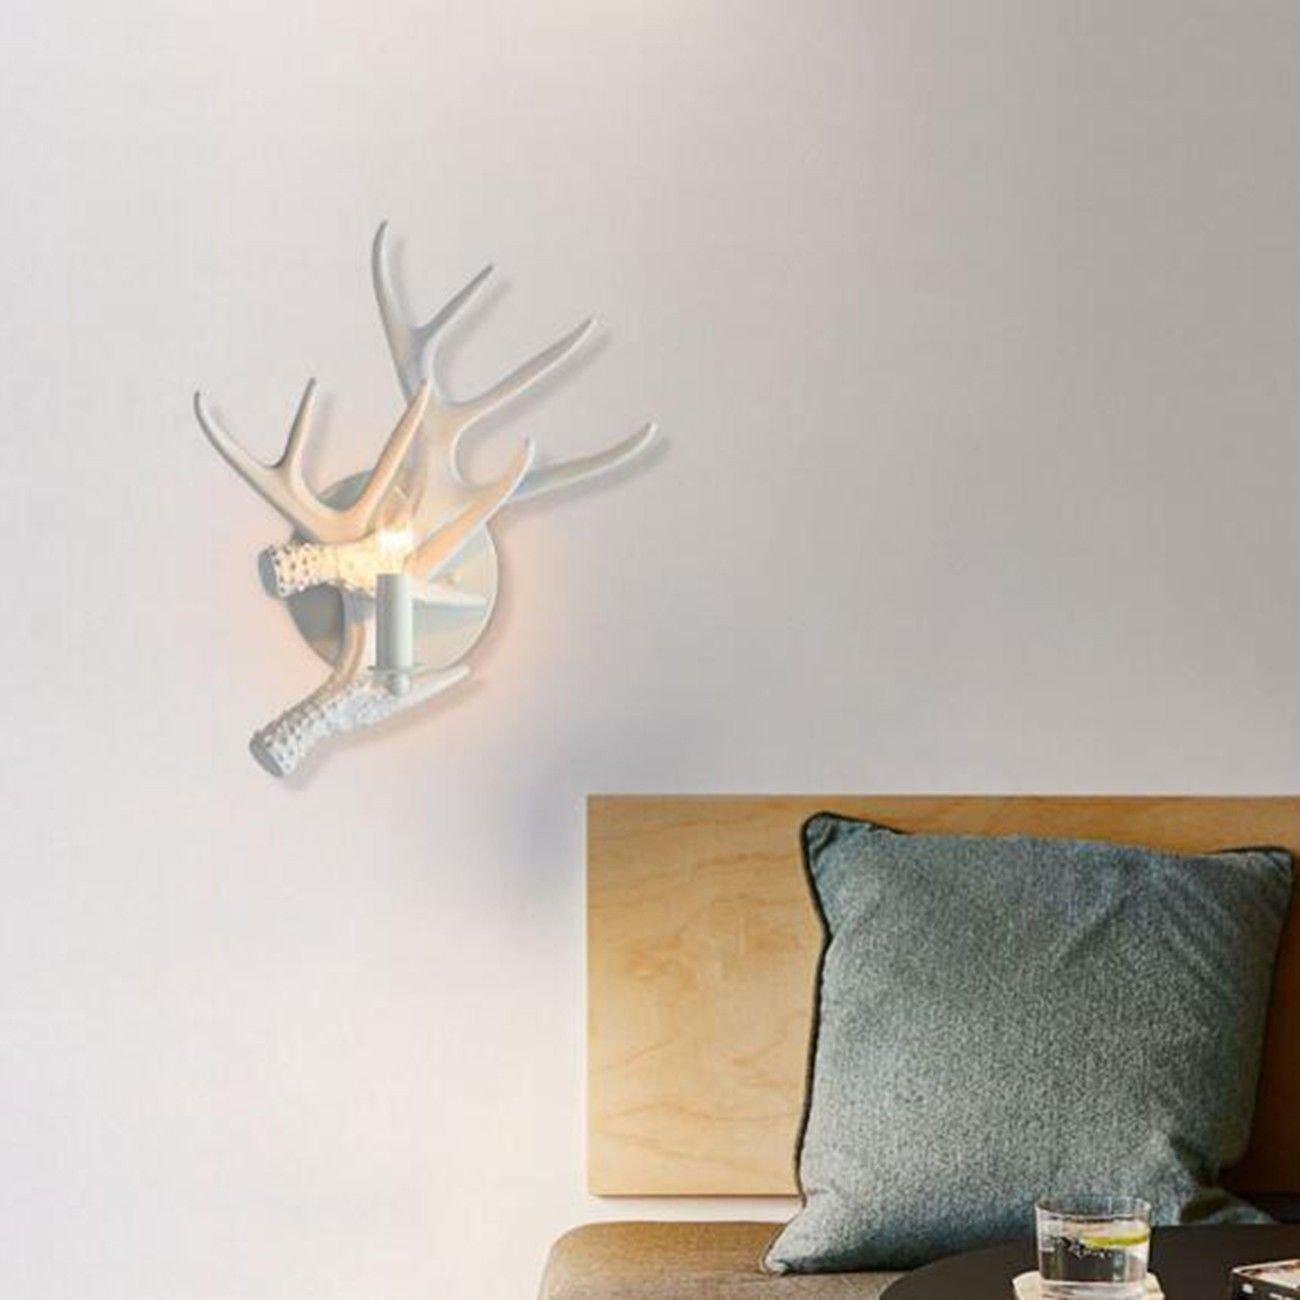 T-ZBDZ Land Wandleuchte weiße Geweih Wand Lampe Wohnzimmer Nachttisch Schlafzimmer Dekoration Geweih Wandleuchte, A